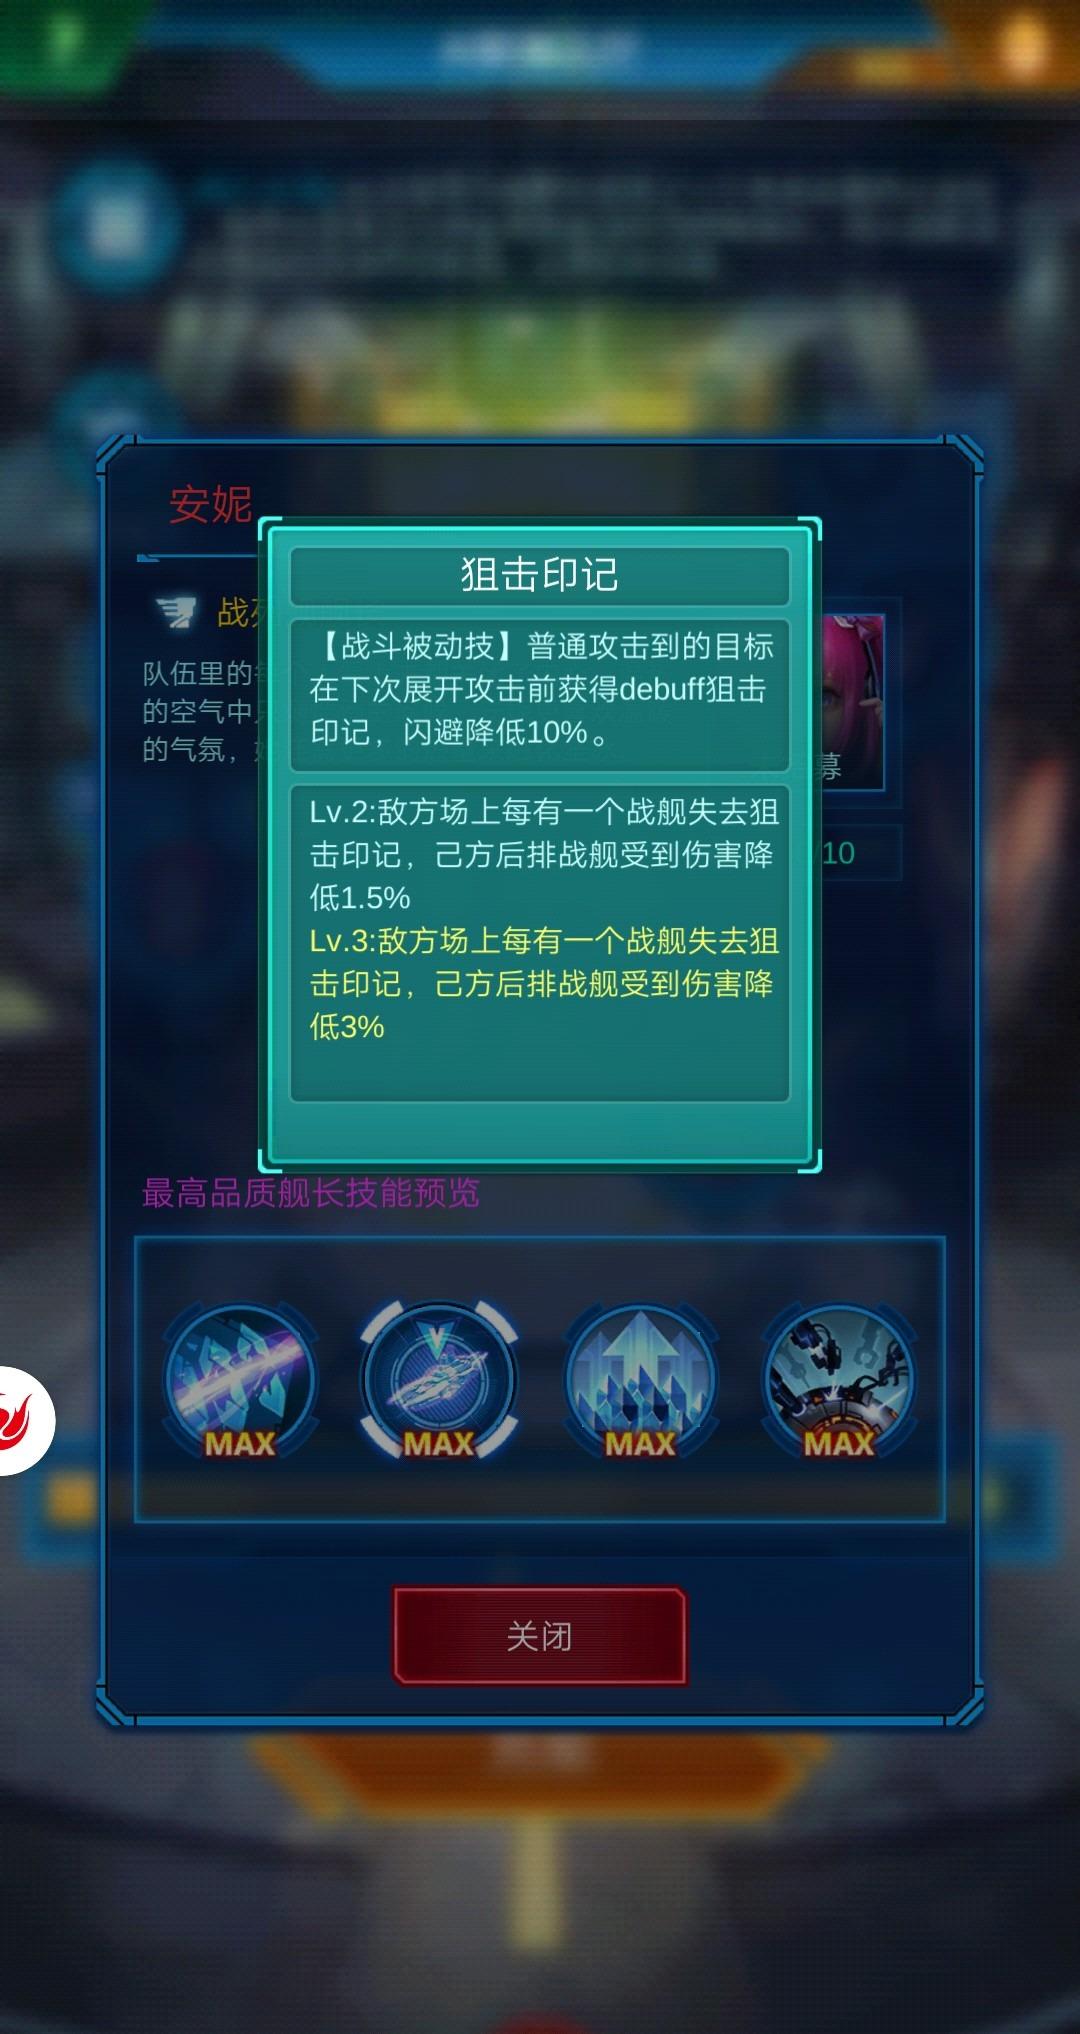 Screenshot_2020_0601_231553.jpg